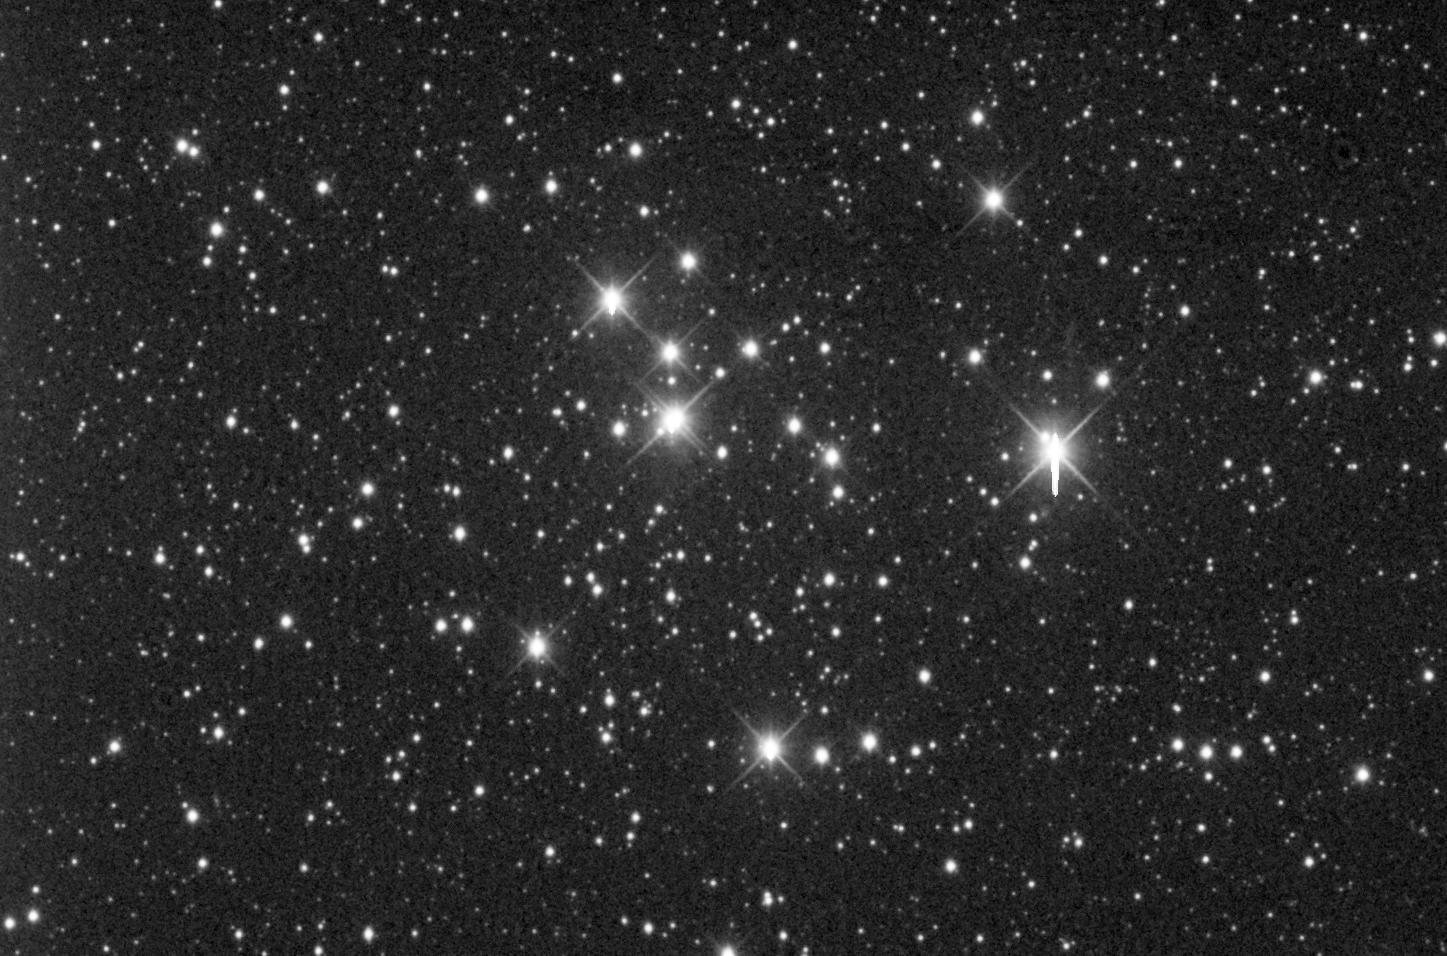 """M47 aufgenommen mit einem RC Optical System 12.5"""" Teleskop und einer SBIG ST-8 CCD Kamera. Norden ist oben, Osten links."""